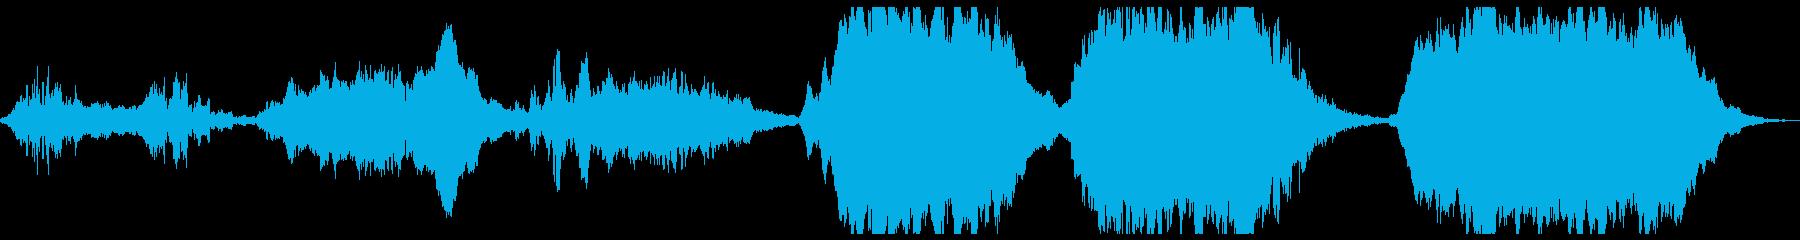 波のあるリズムのアンビエントの再生済みの波形